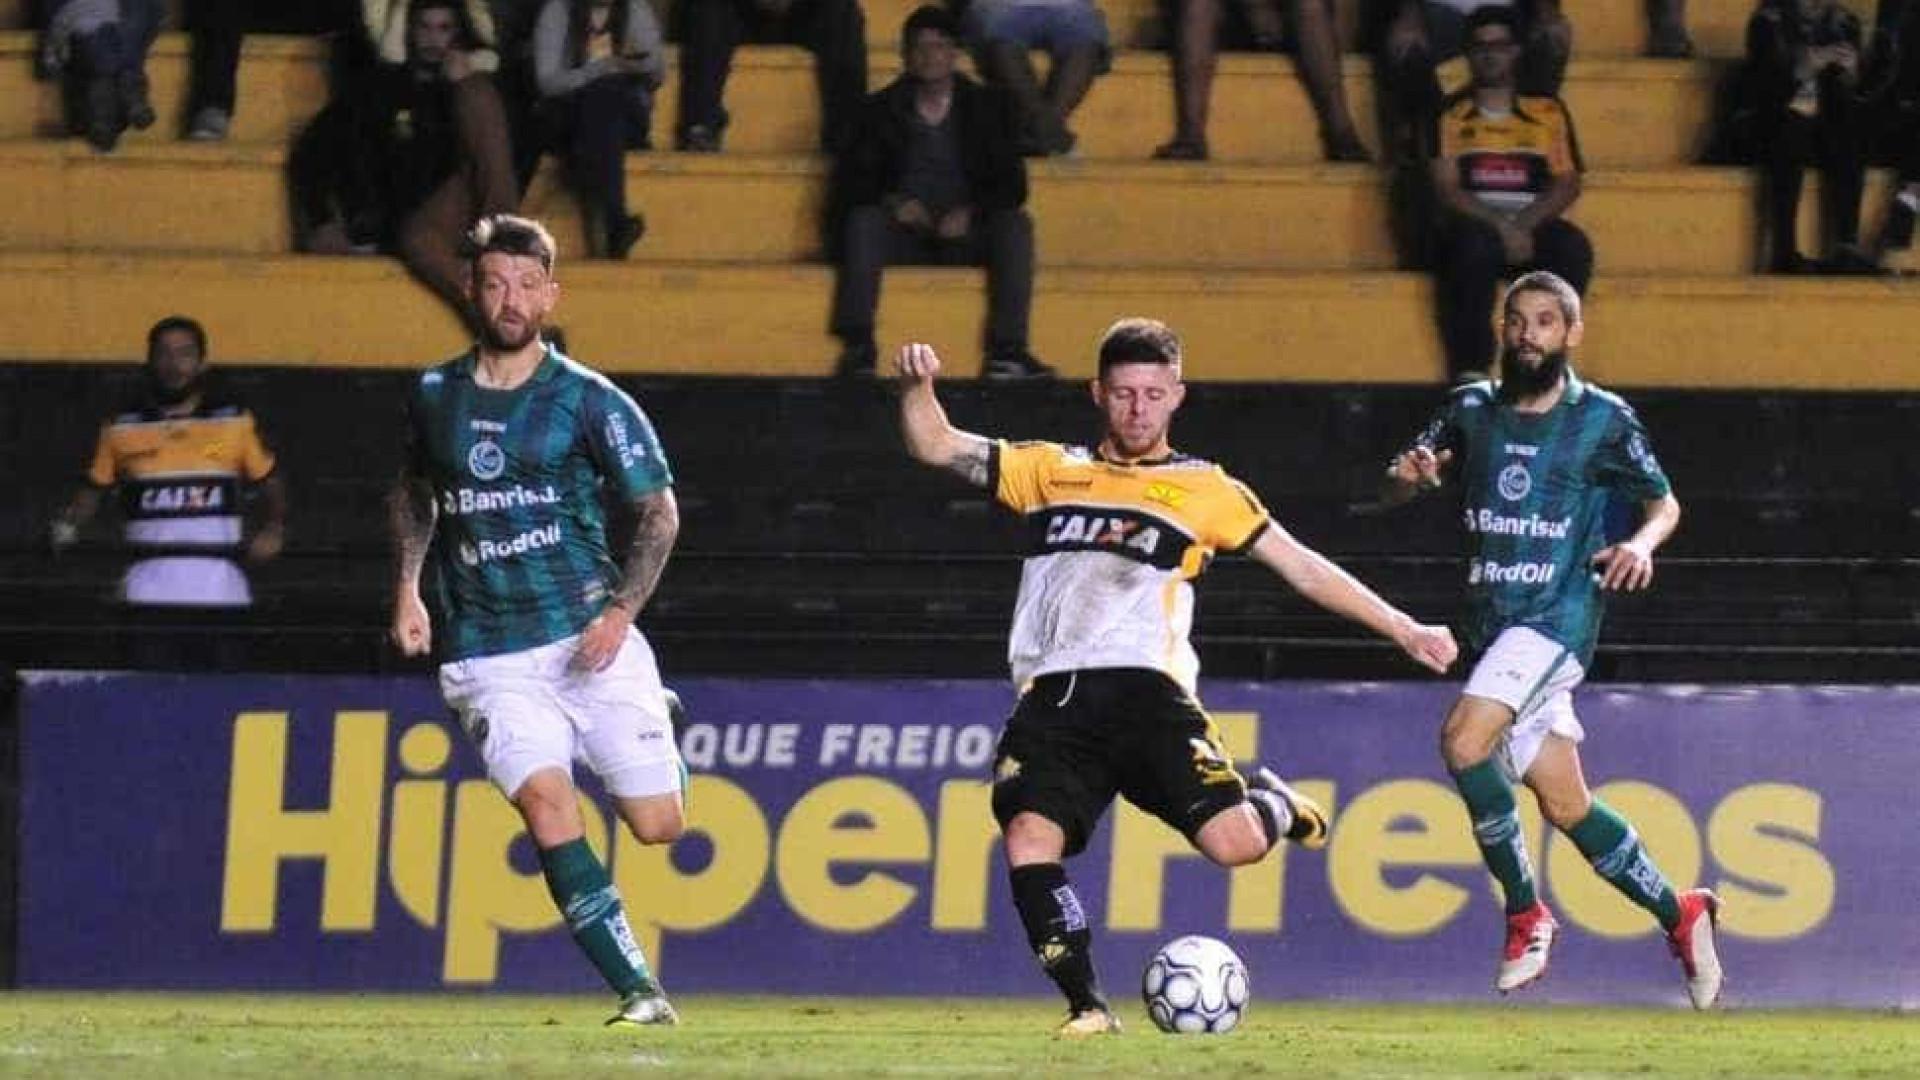 Criciúma chega a 6 jogos sem vencer; torcida destrói carro de atleta